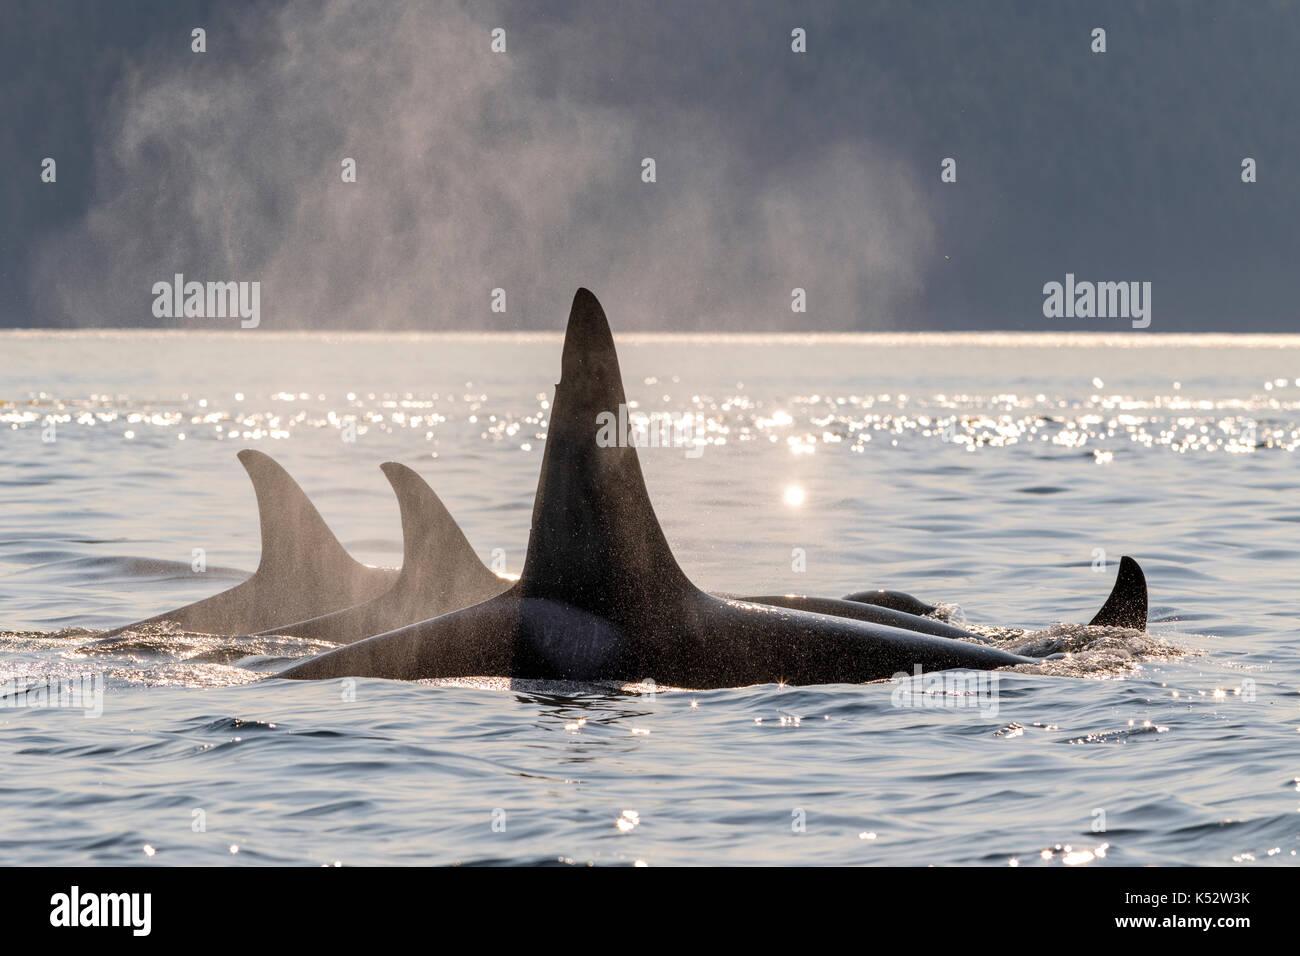 Una famiglia pod del nord residente orche in viaggio in Johnstone Strait in prima serata fuori dall'Isola di Vancouver, British Columbia, Canada. Immagini Stock